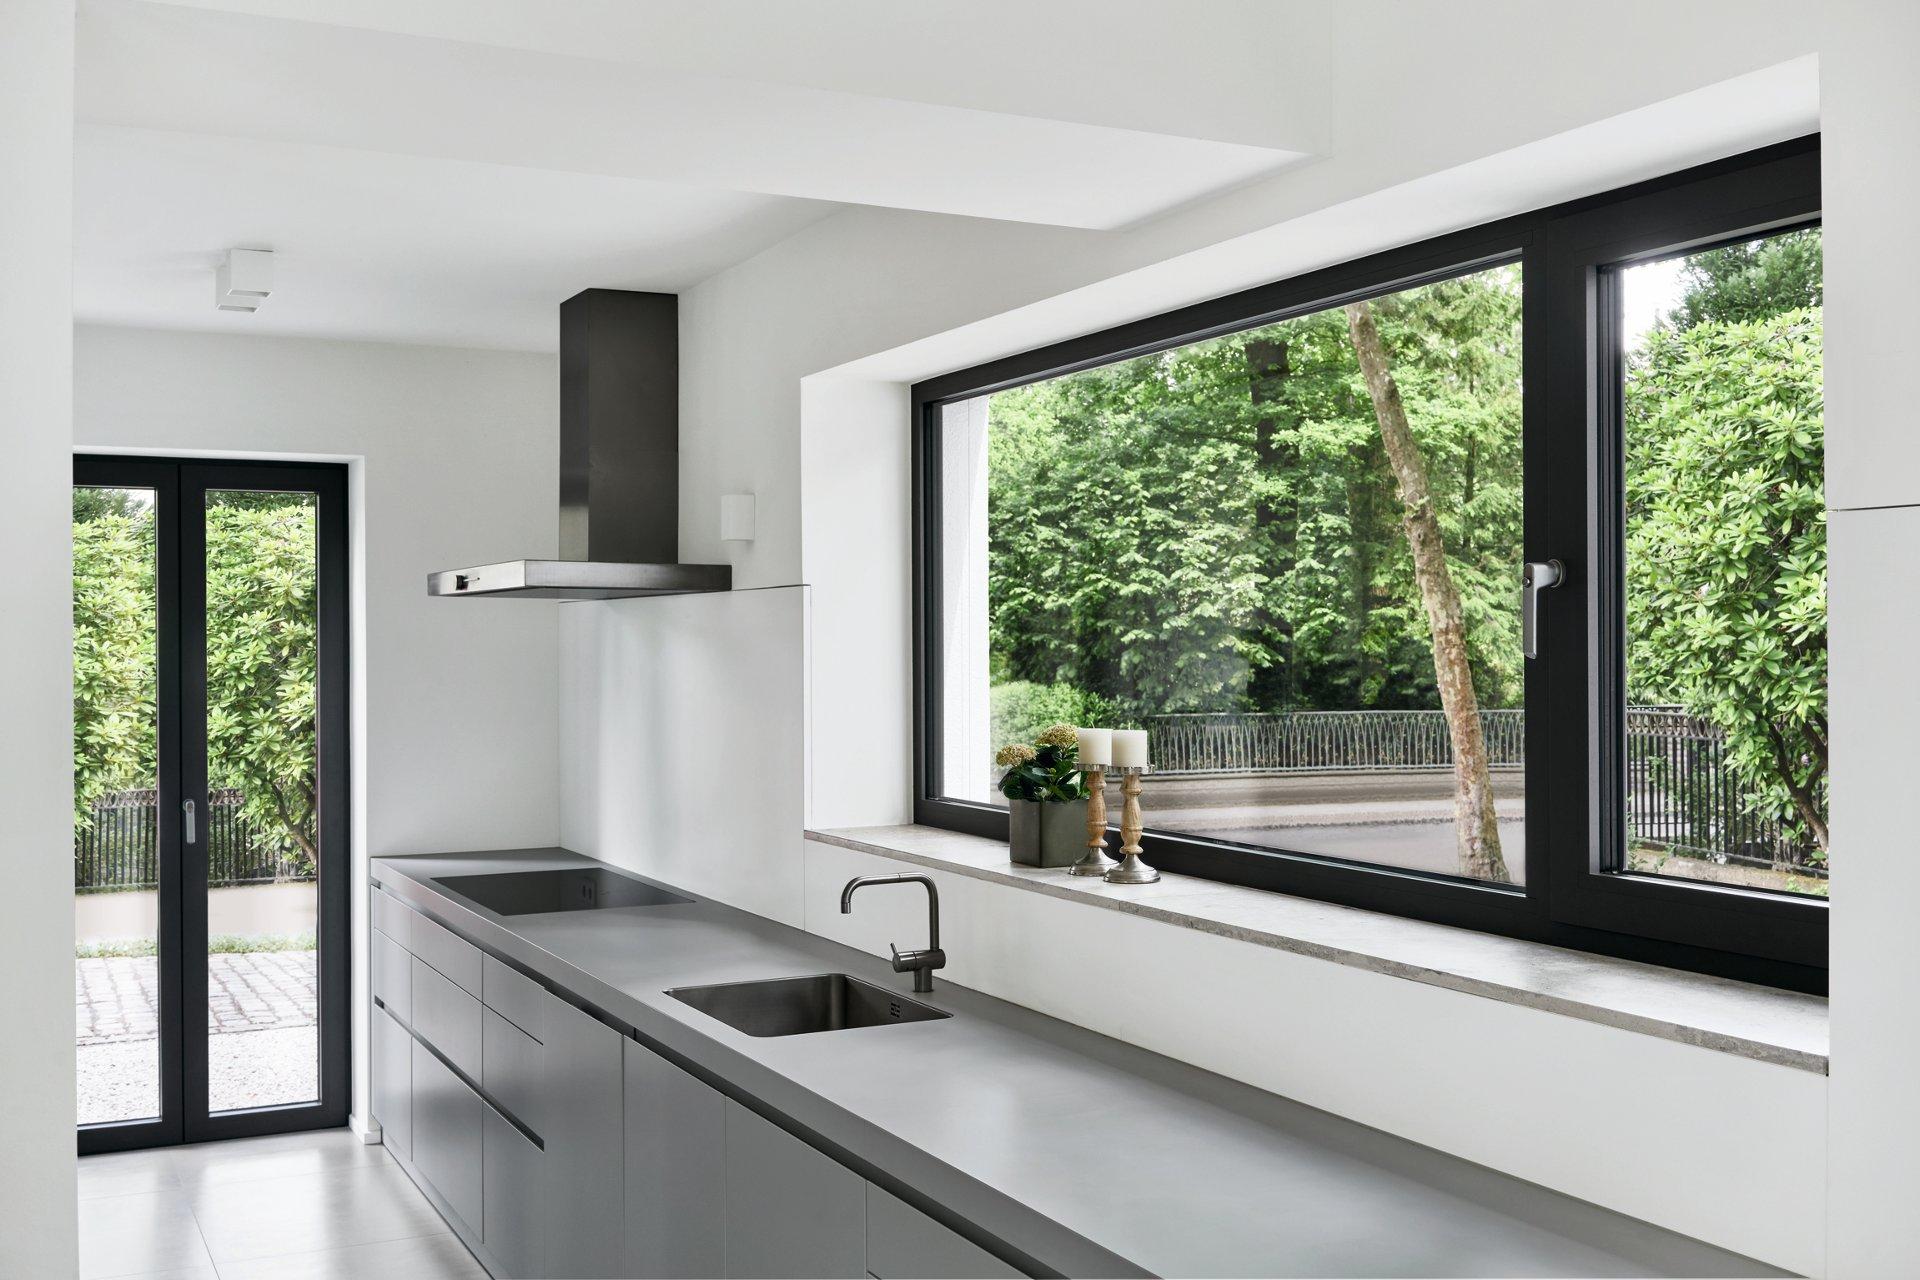 sch co aws 75 si alde. Black Bedroom Furniture Sets. Home Design Ideas